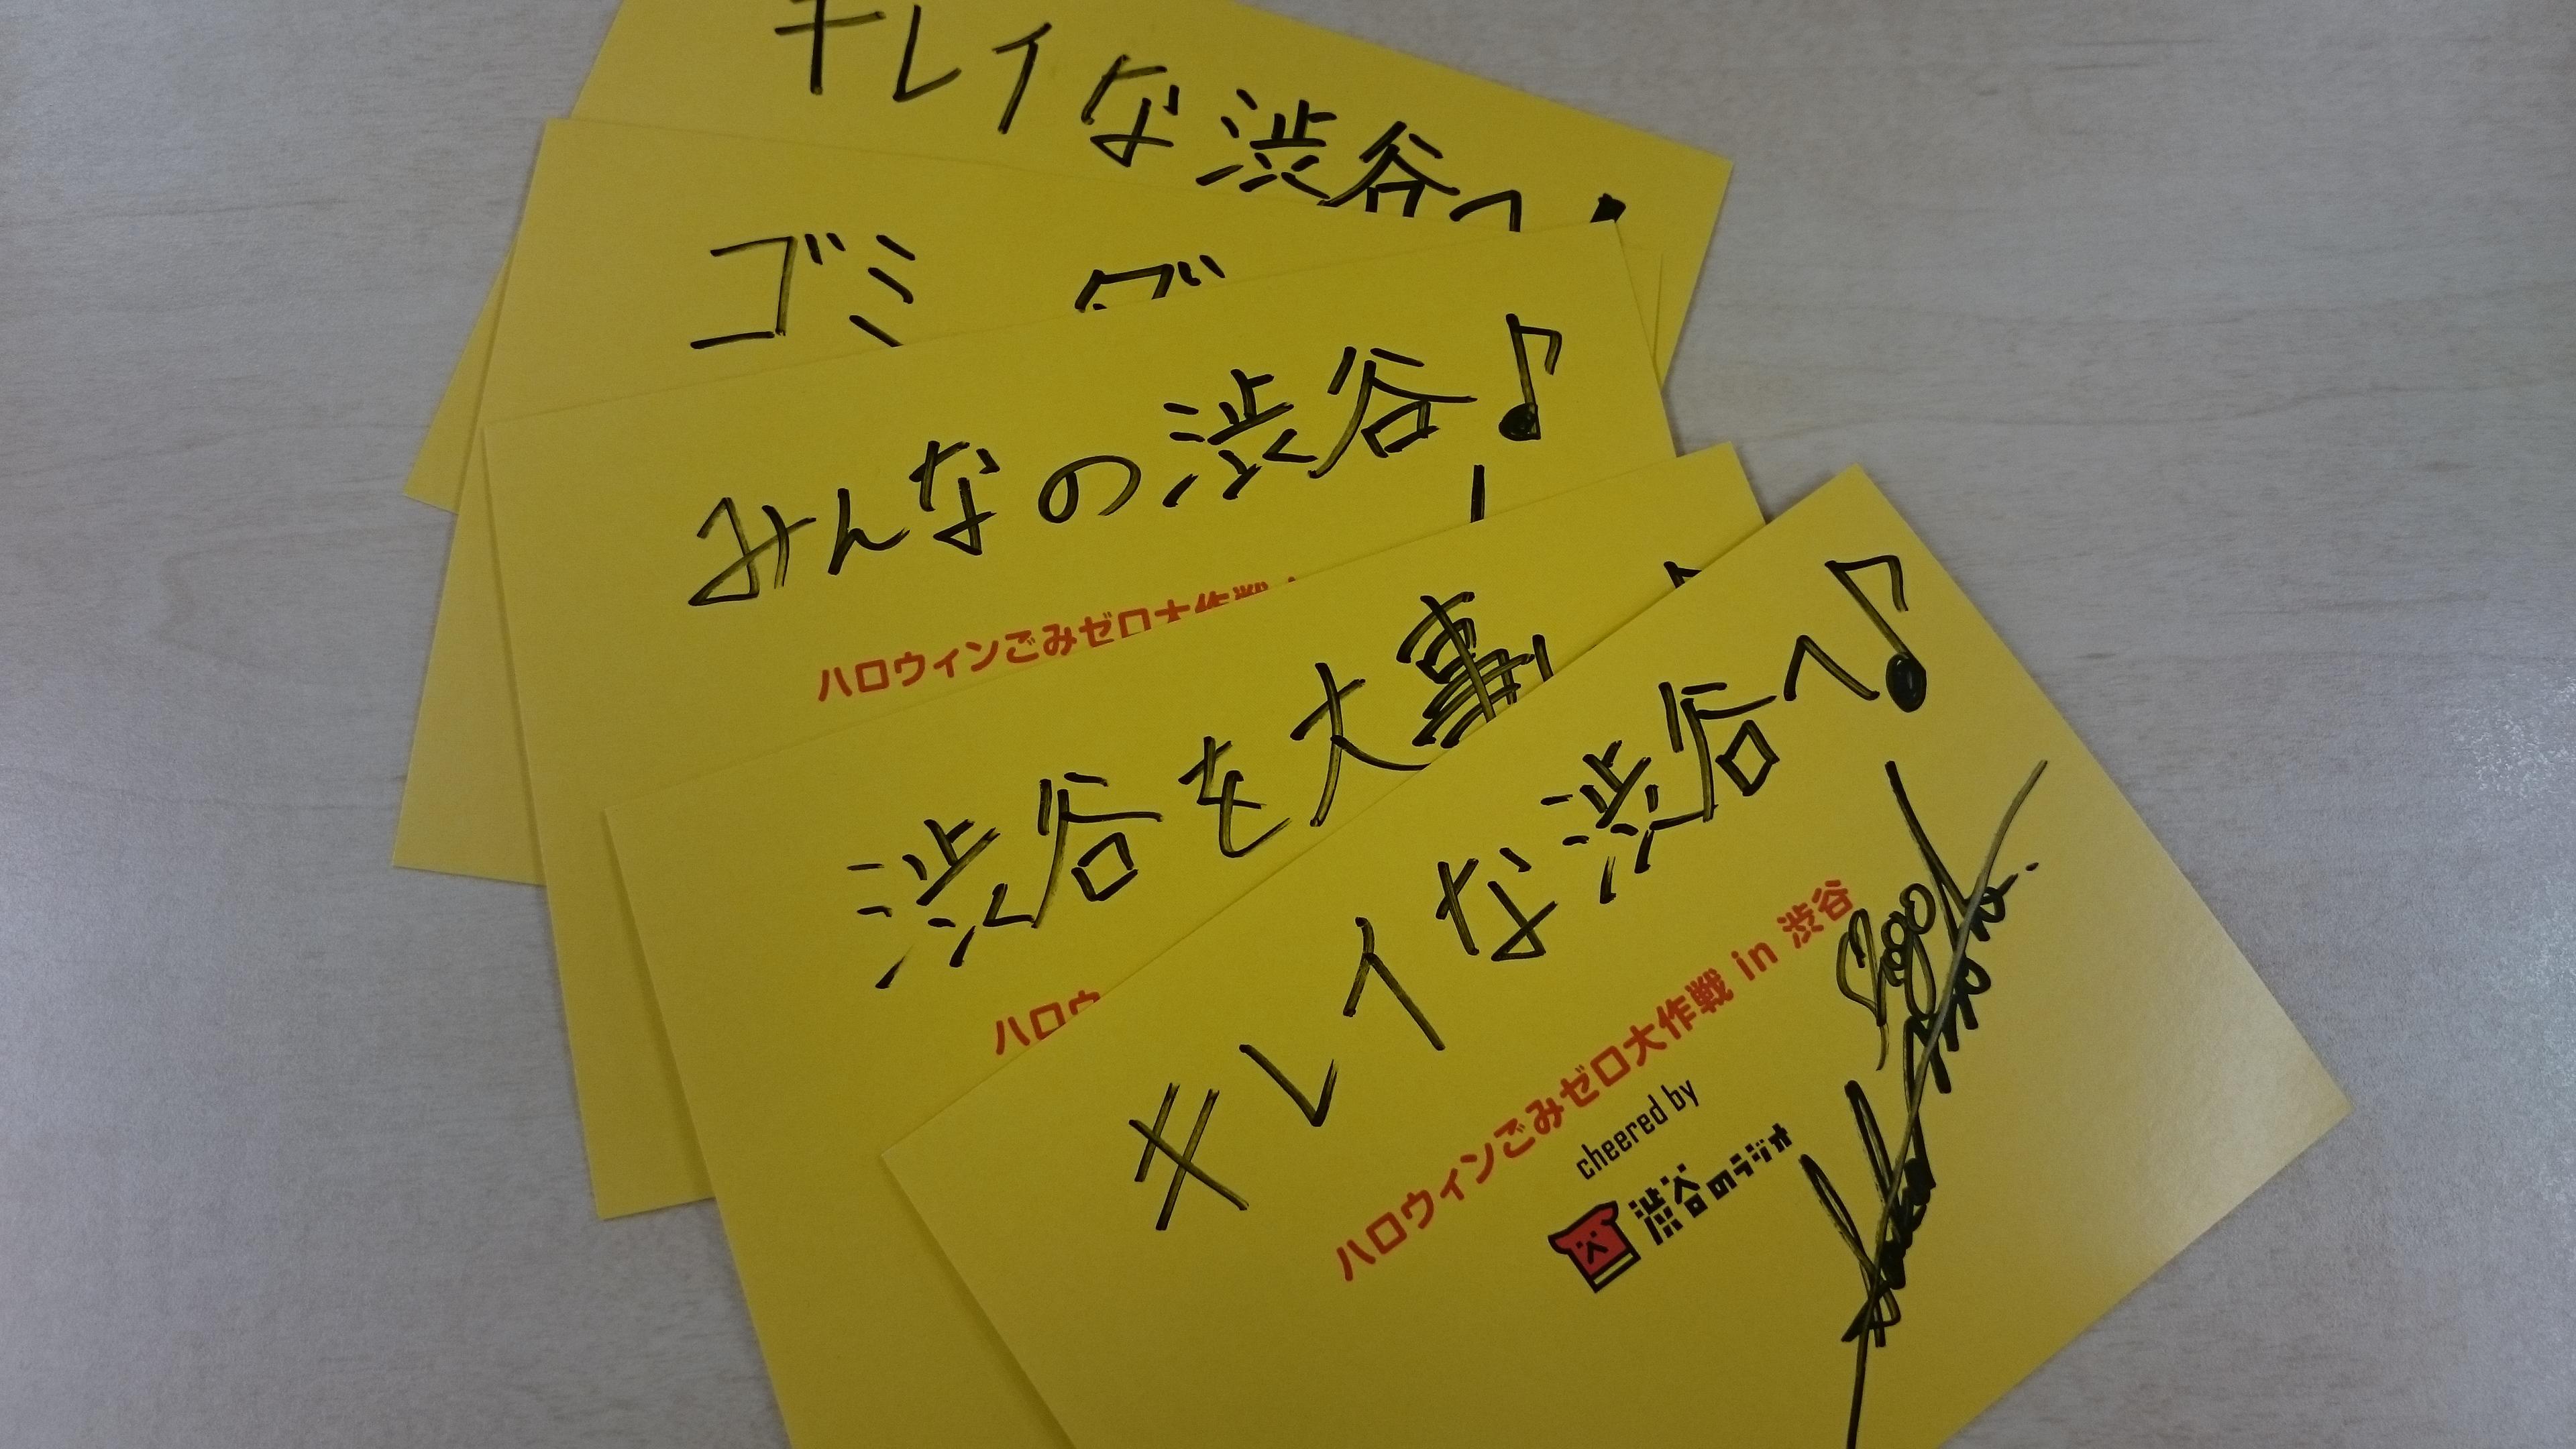 阪本奨悟.JPG width=